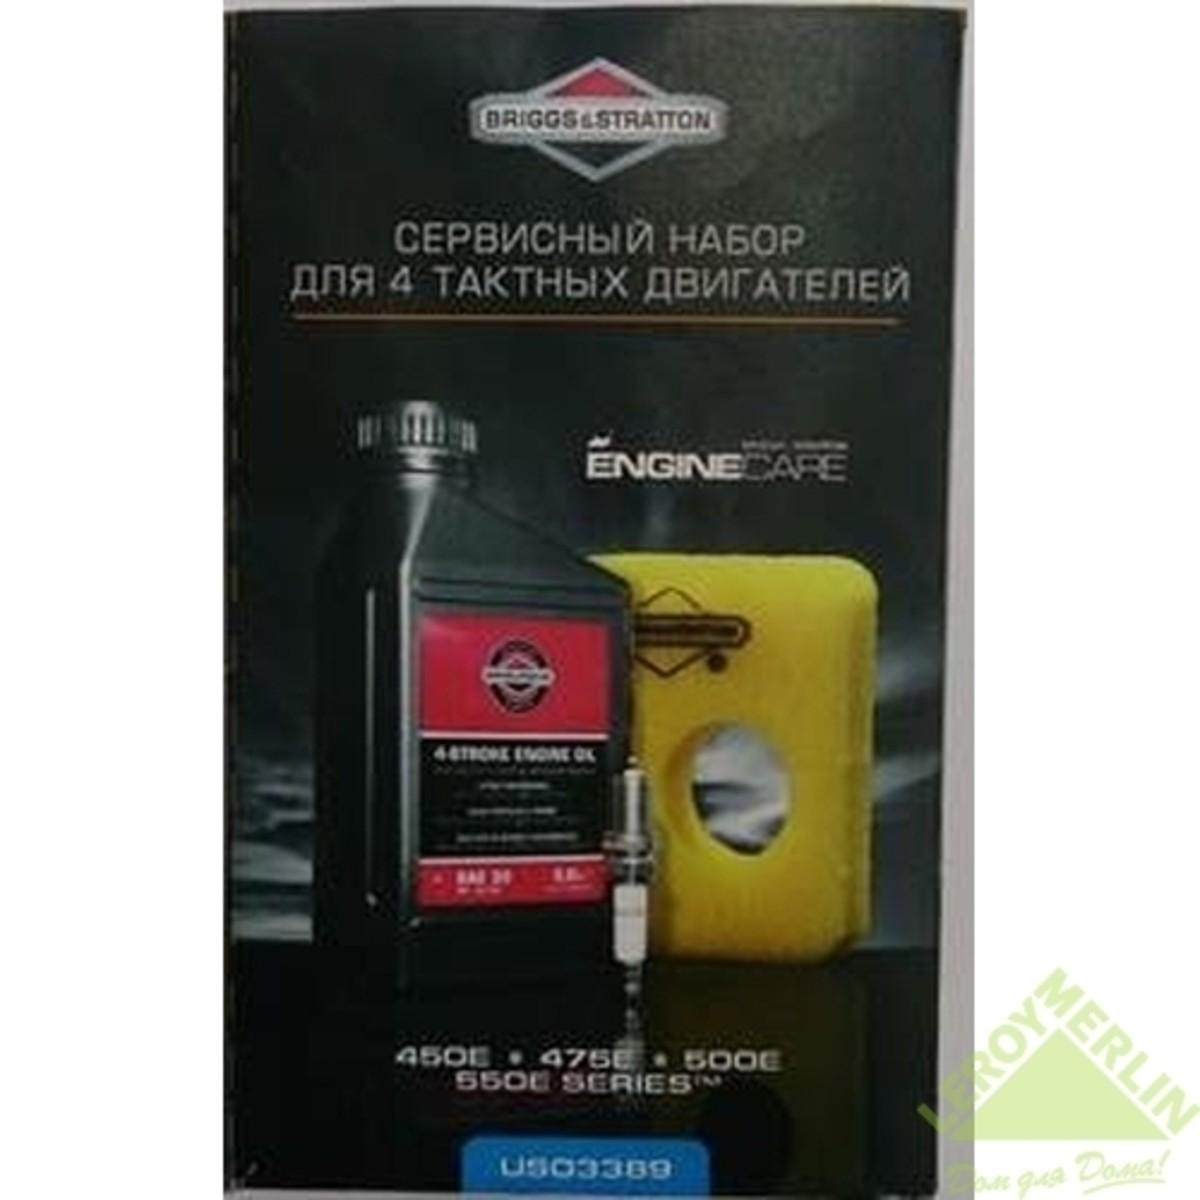 Набор сервисный для двигателя B&ampS 450E-Seria